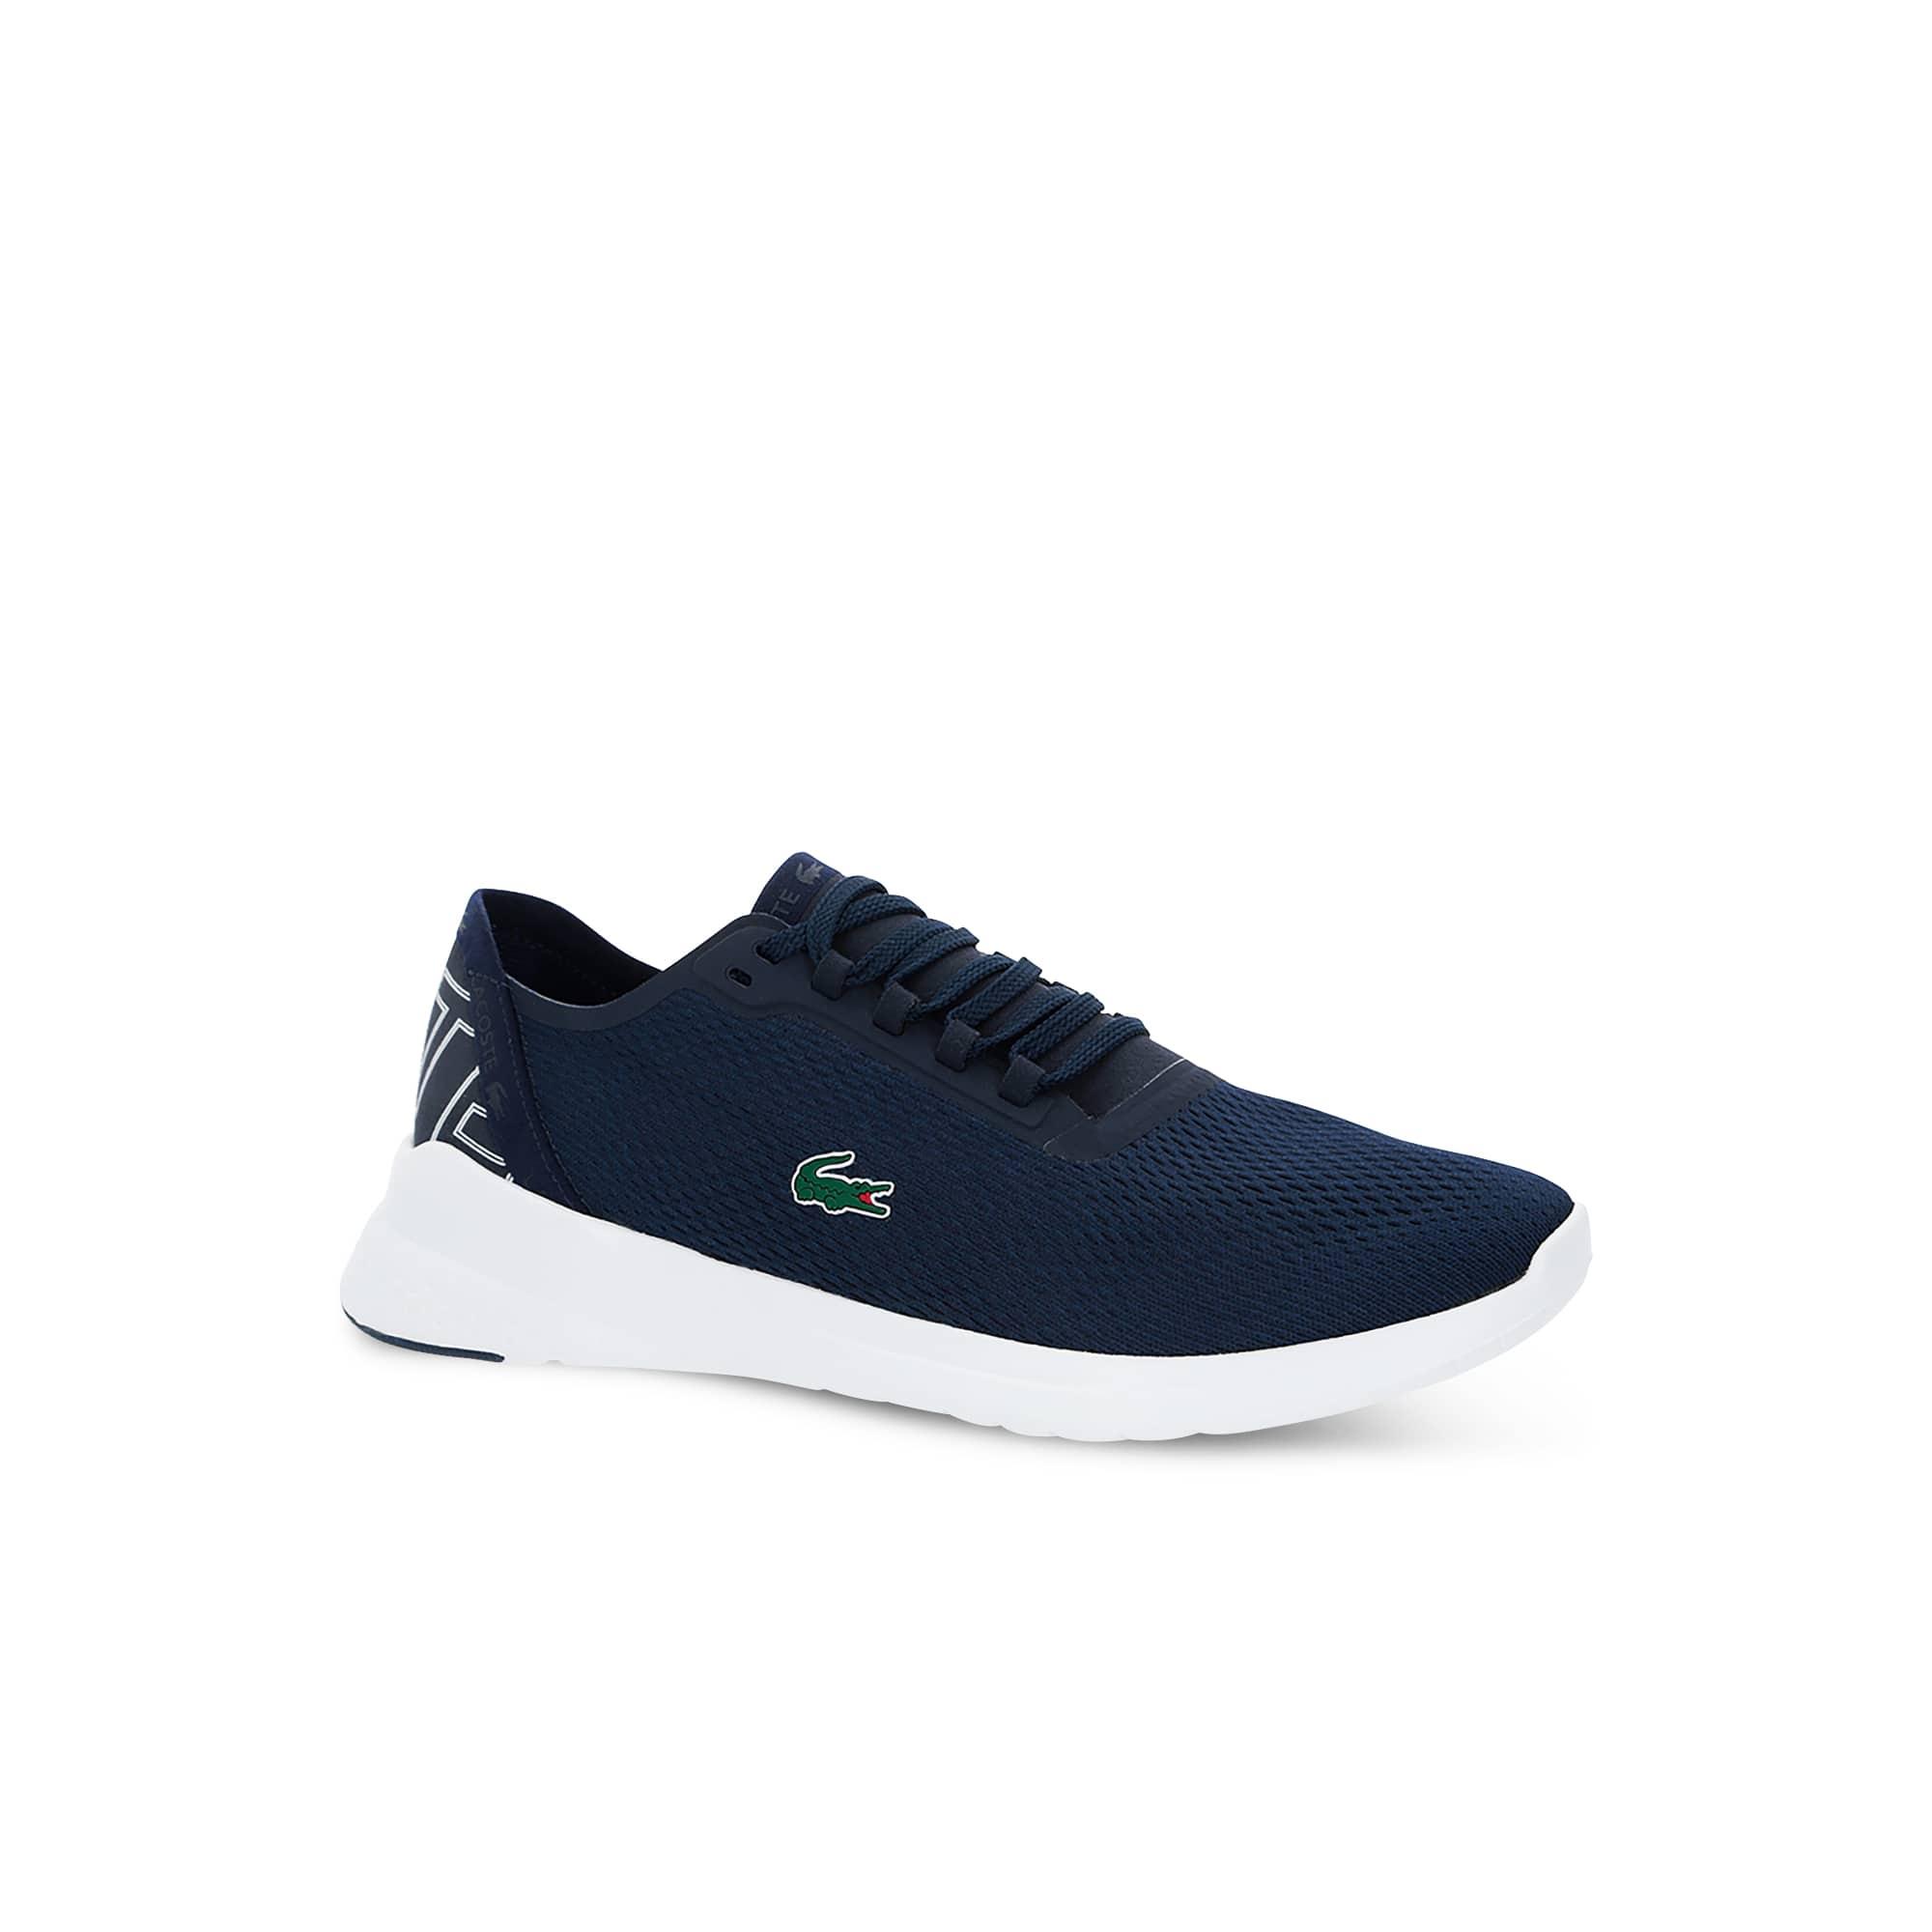 3bd00472003685 Men s LT Fit Sneakers